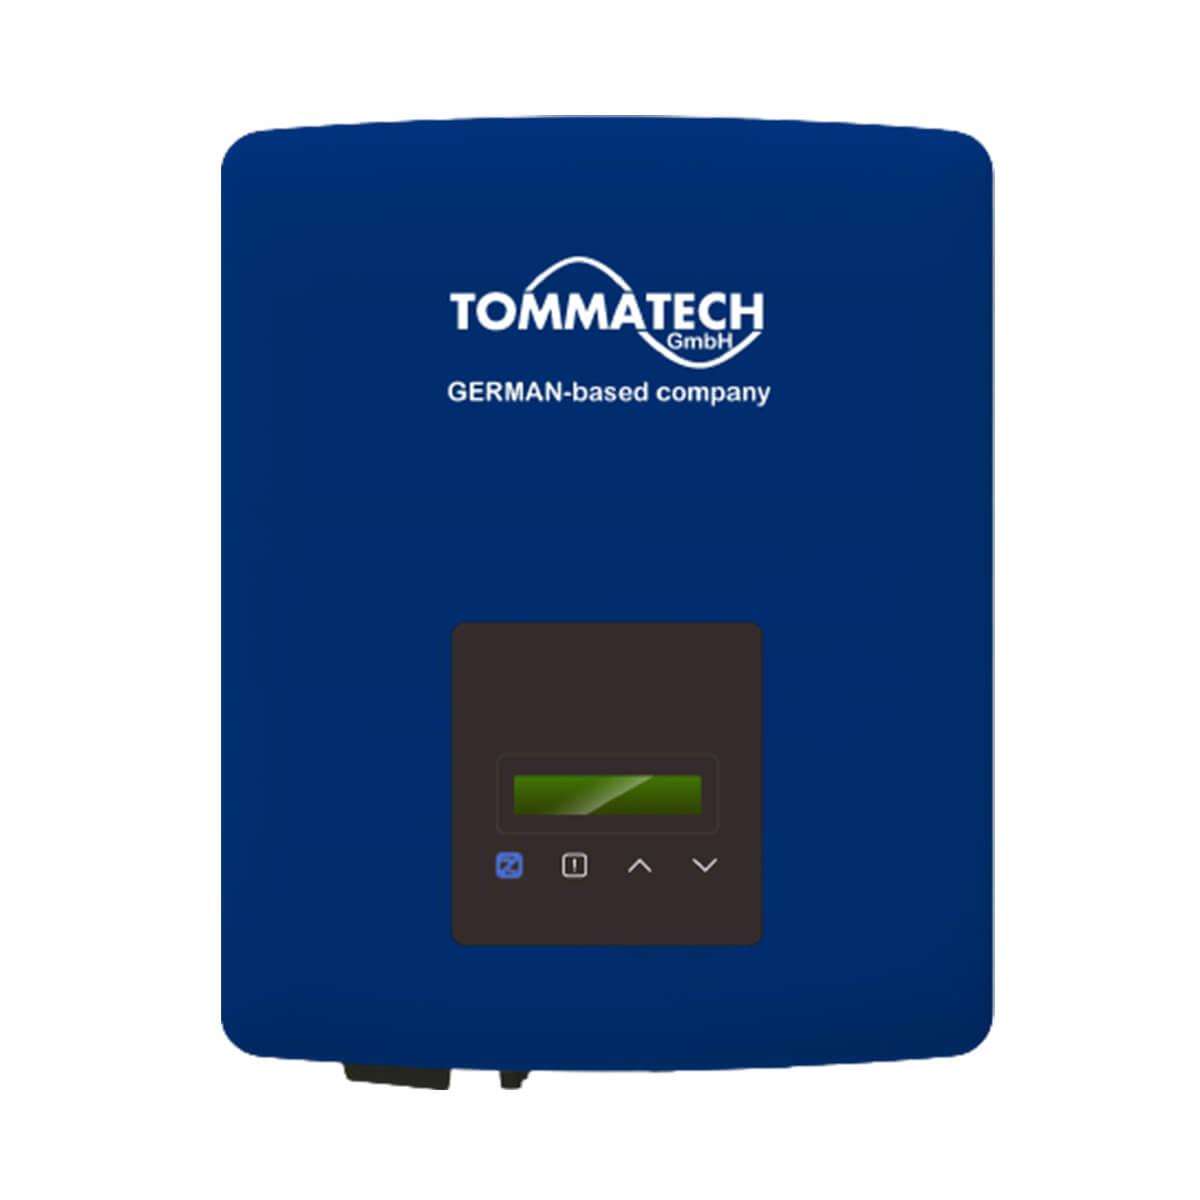 tommatech 1.1kW inverter, tommatech uno 1.1kW inverter, tommatech uno-a-1.1 inverter, tommatech uno-a-1.1, tommatech uno 1.1 kW, TOMMATECH 1.1 kW